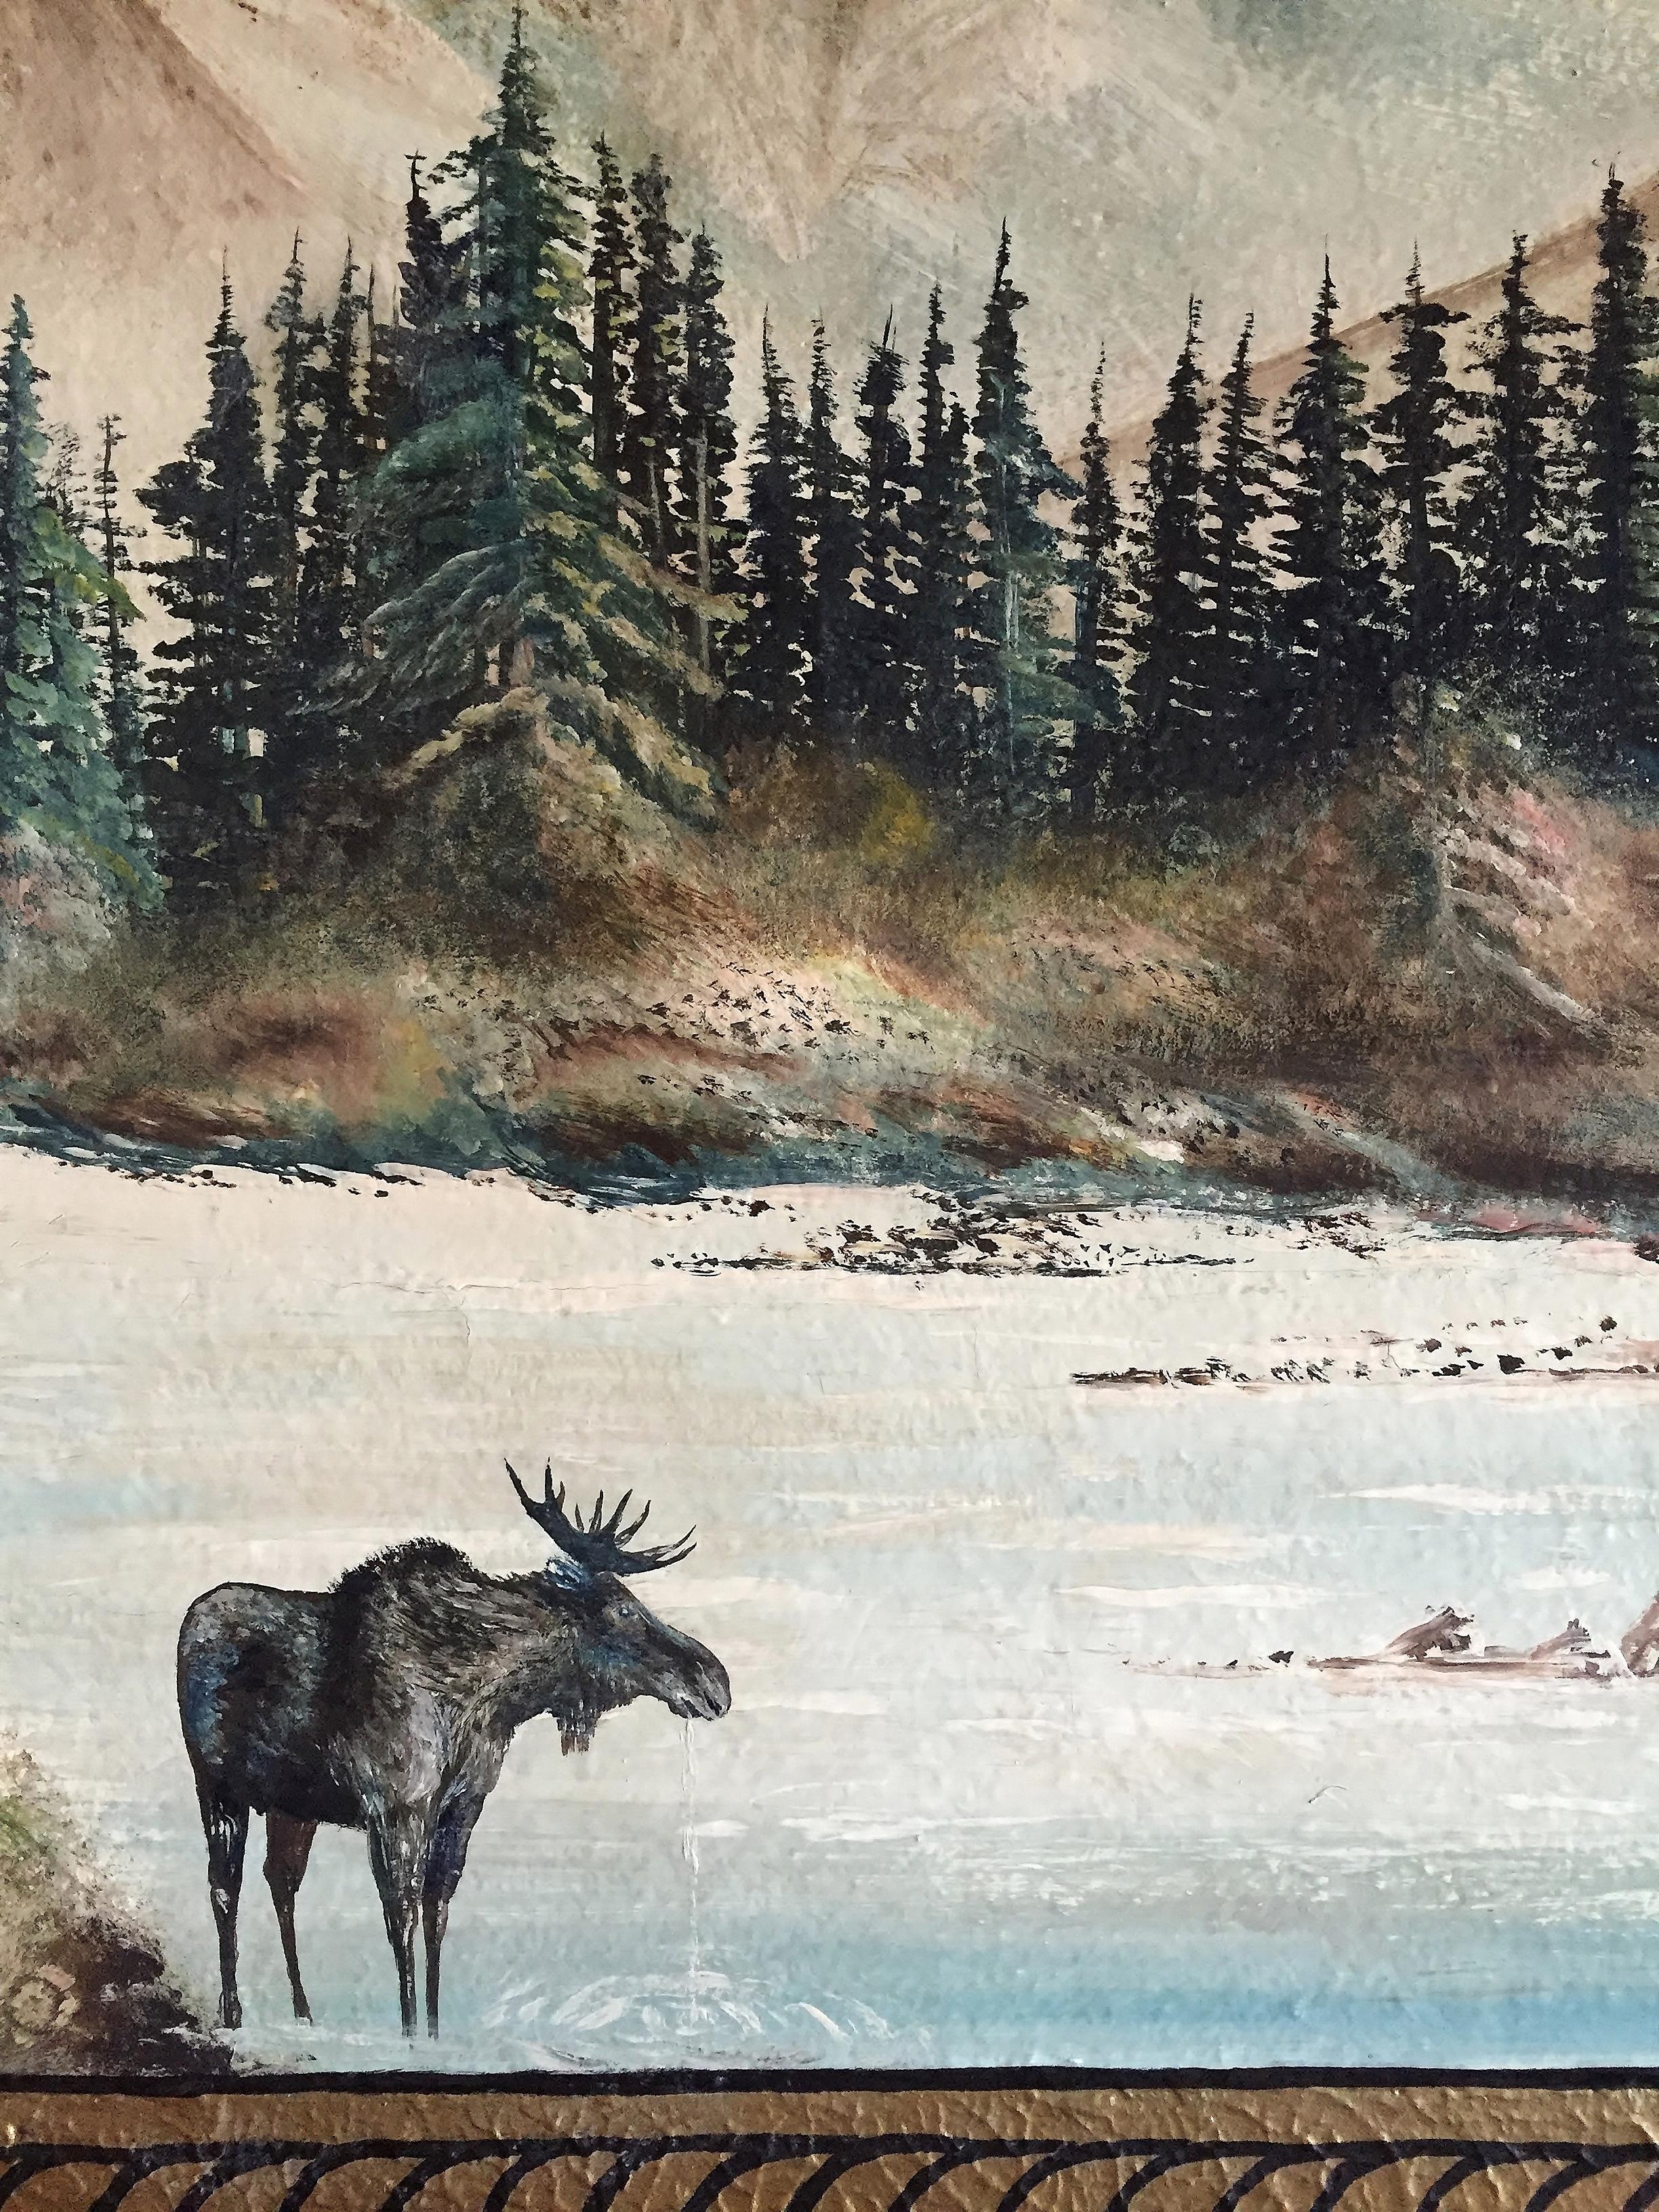 meet the moose